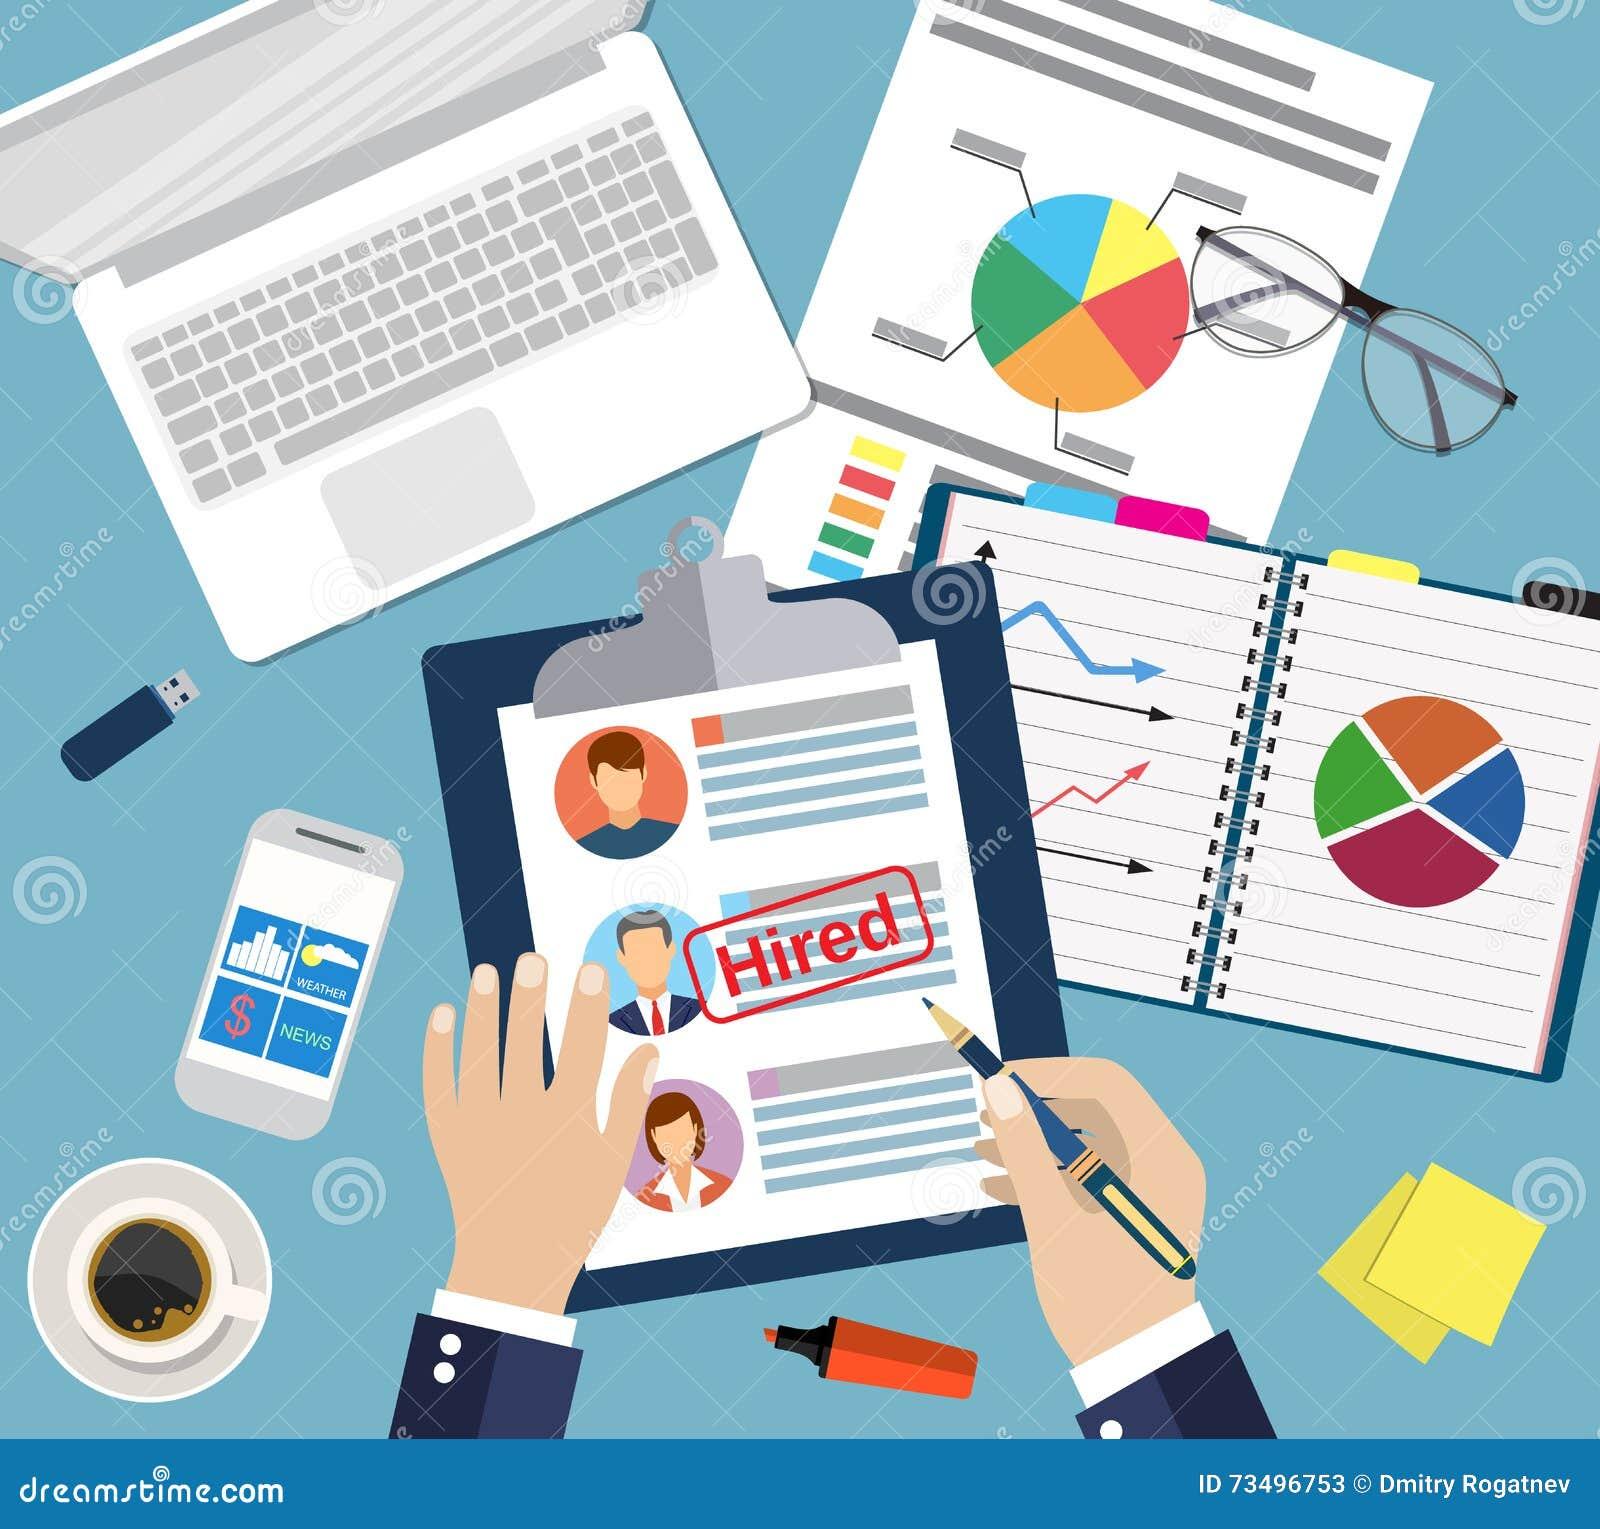 Curriculum Vitae Del Concepto Del Cv Con La Foto, Documentos Imagen ...